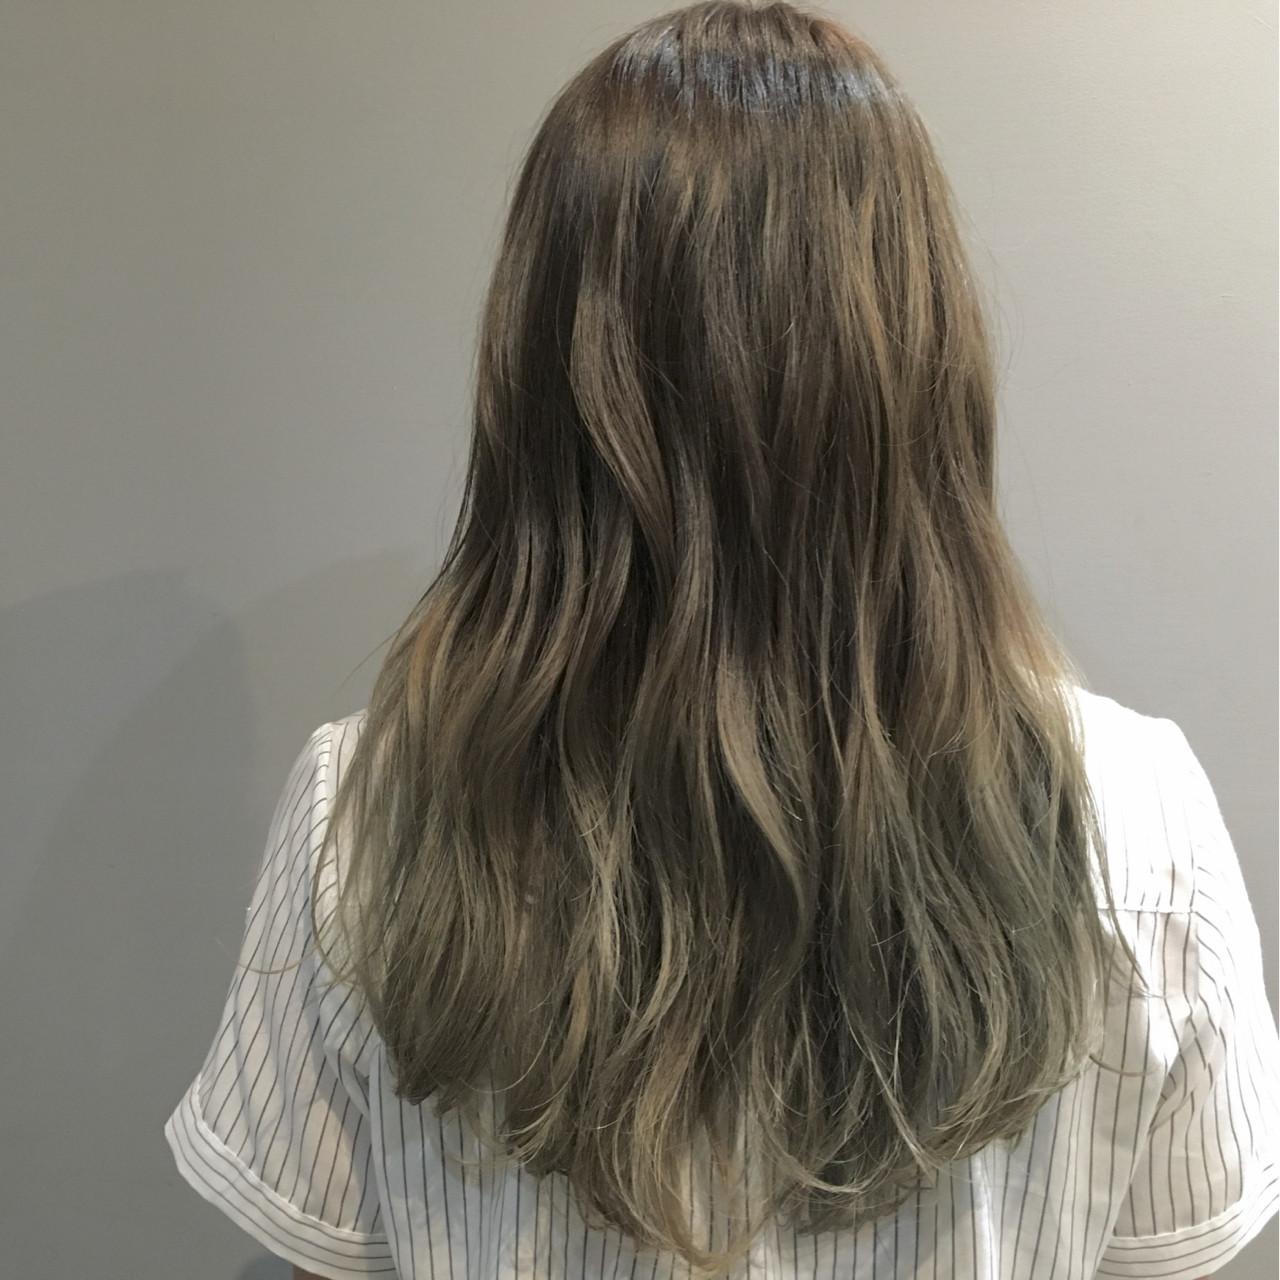 50 アッシュ カラー 緑 Update Hair Style ヘアスタイルを更新hd品質